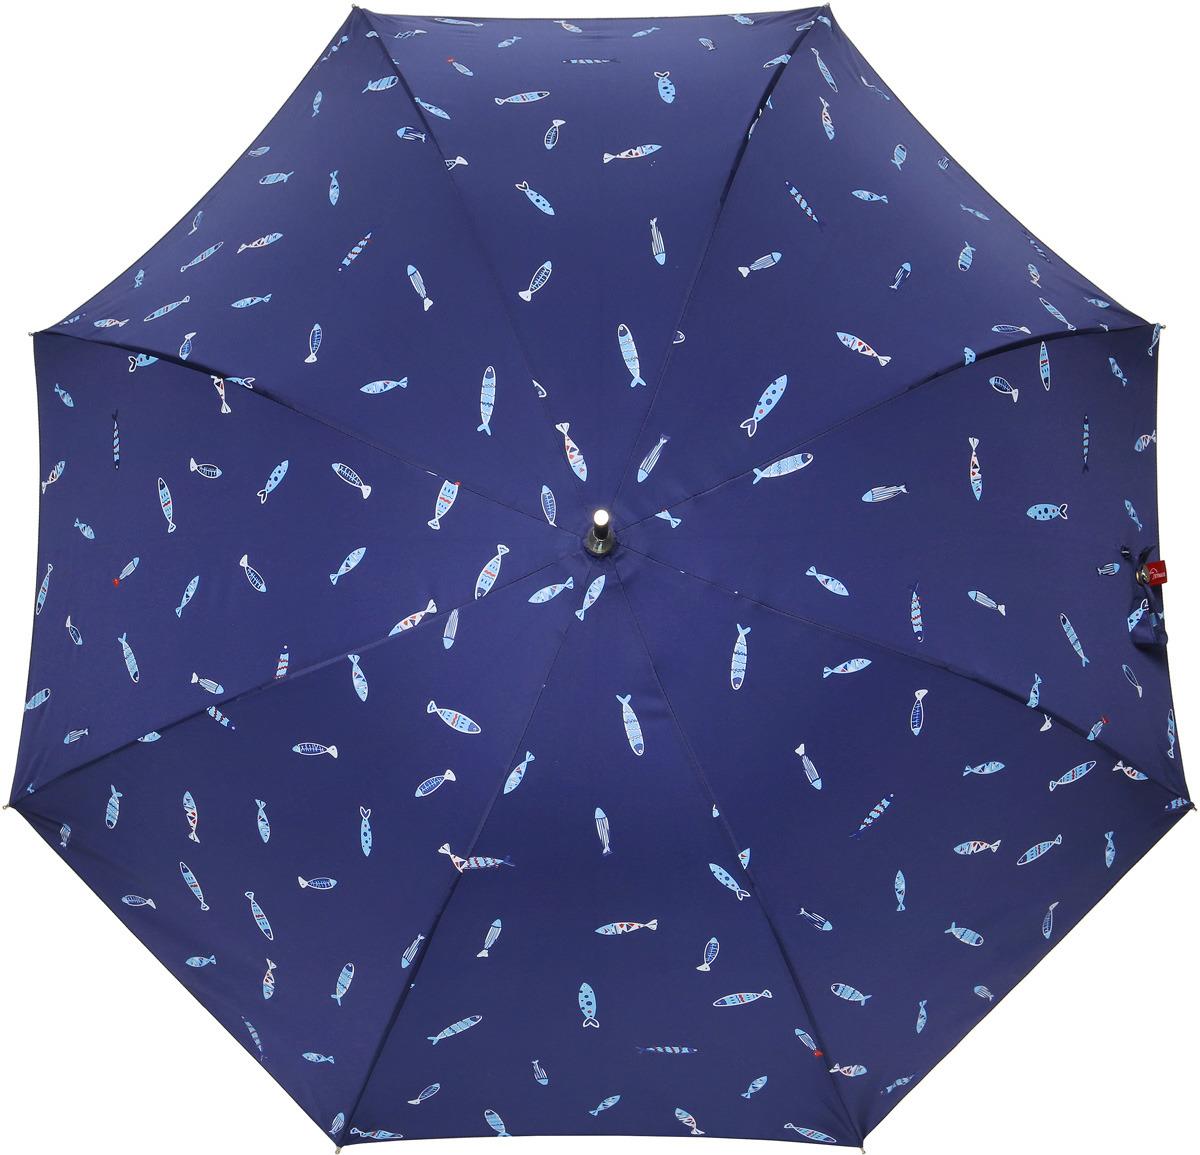 Зонт-трость женский Kawaii Factory Зонт-трость Рыбки, цвет: синий. KW041-000050 зонт женский трость спас медный всадник 106см